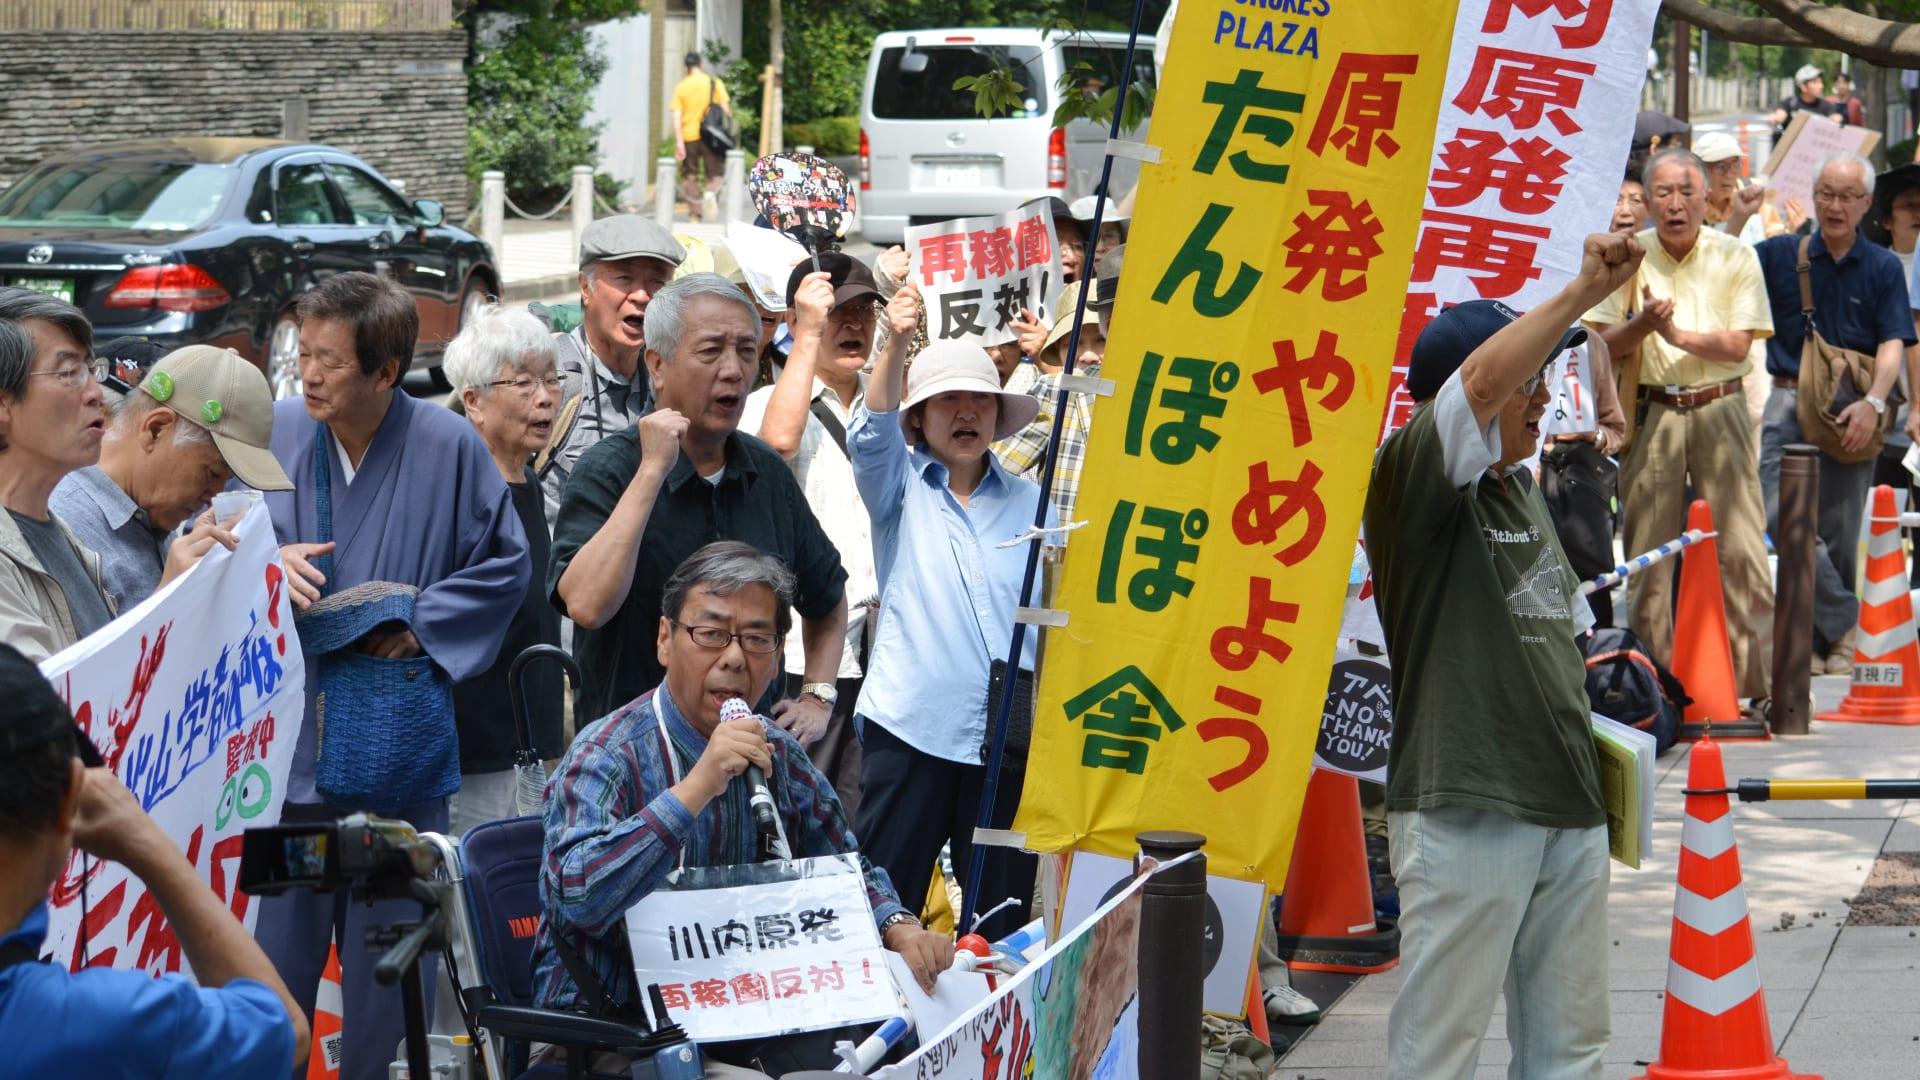 يابانيون يتظاهرون أمام سلطة تنظيم الطاقة النووية، احتجاجا على منحها ترخيصاً لإقامة مفاعلين نوويين جديدين، 10 سبتمبر/ أيلول 2014